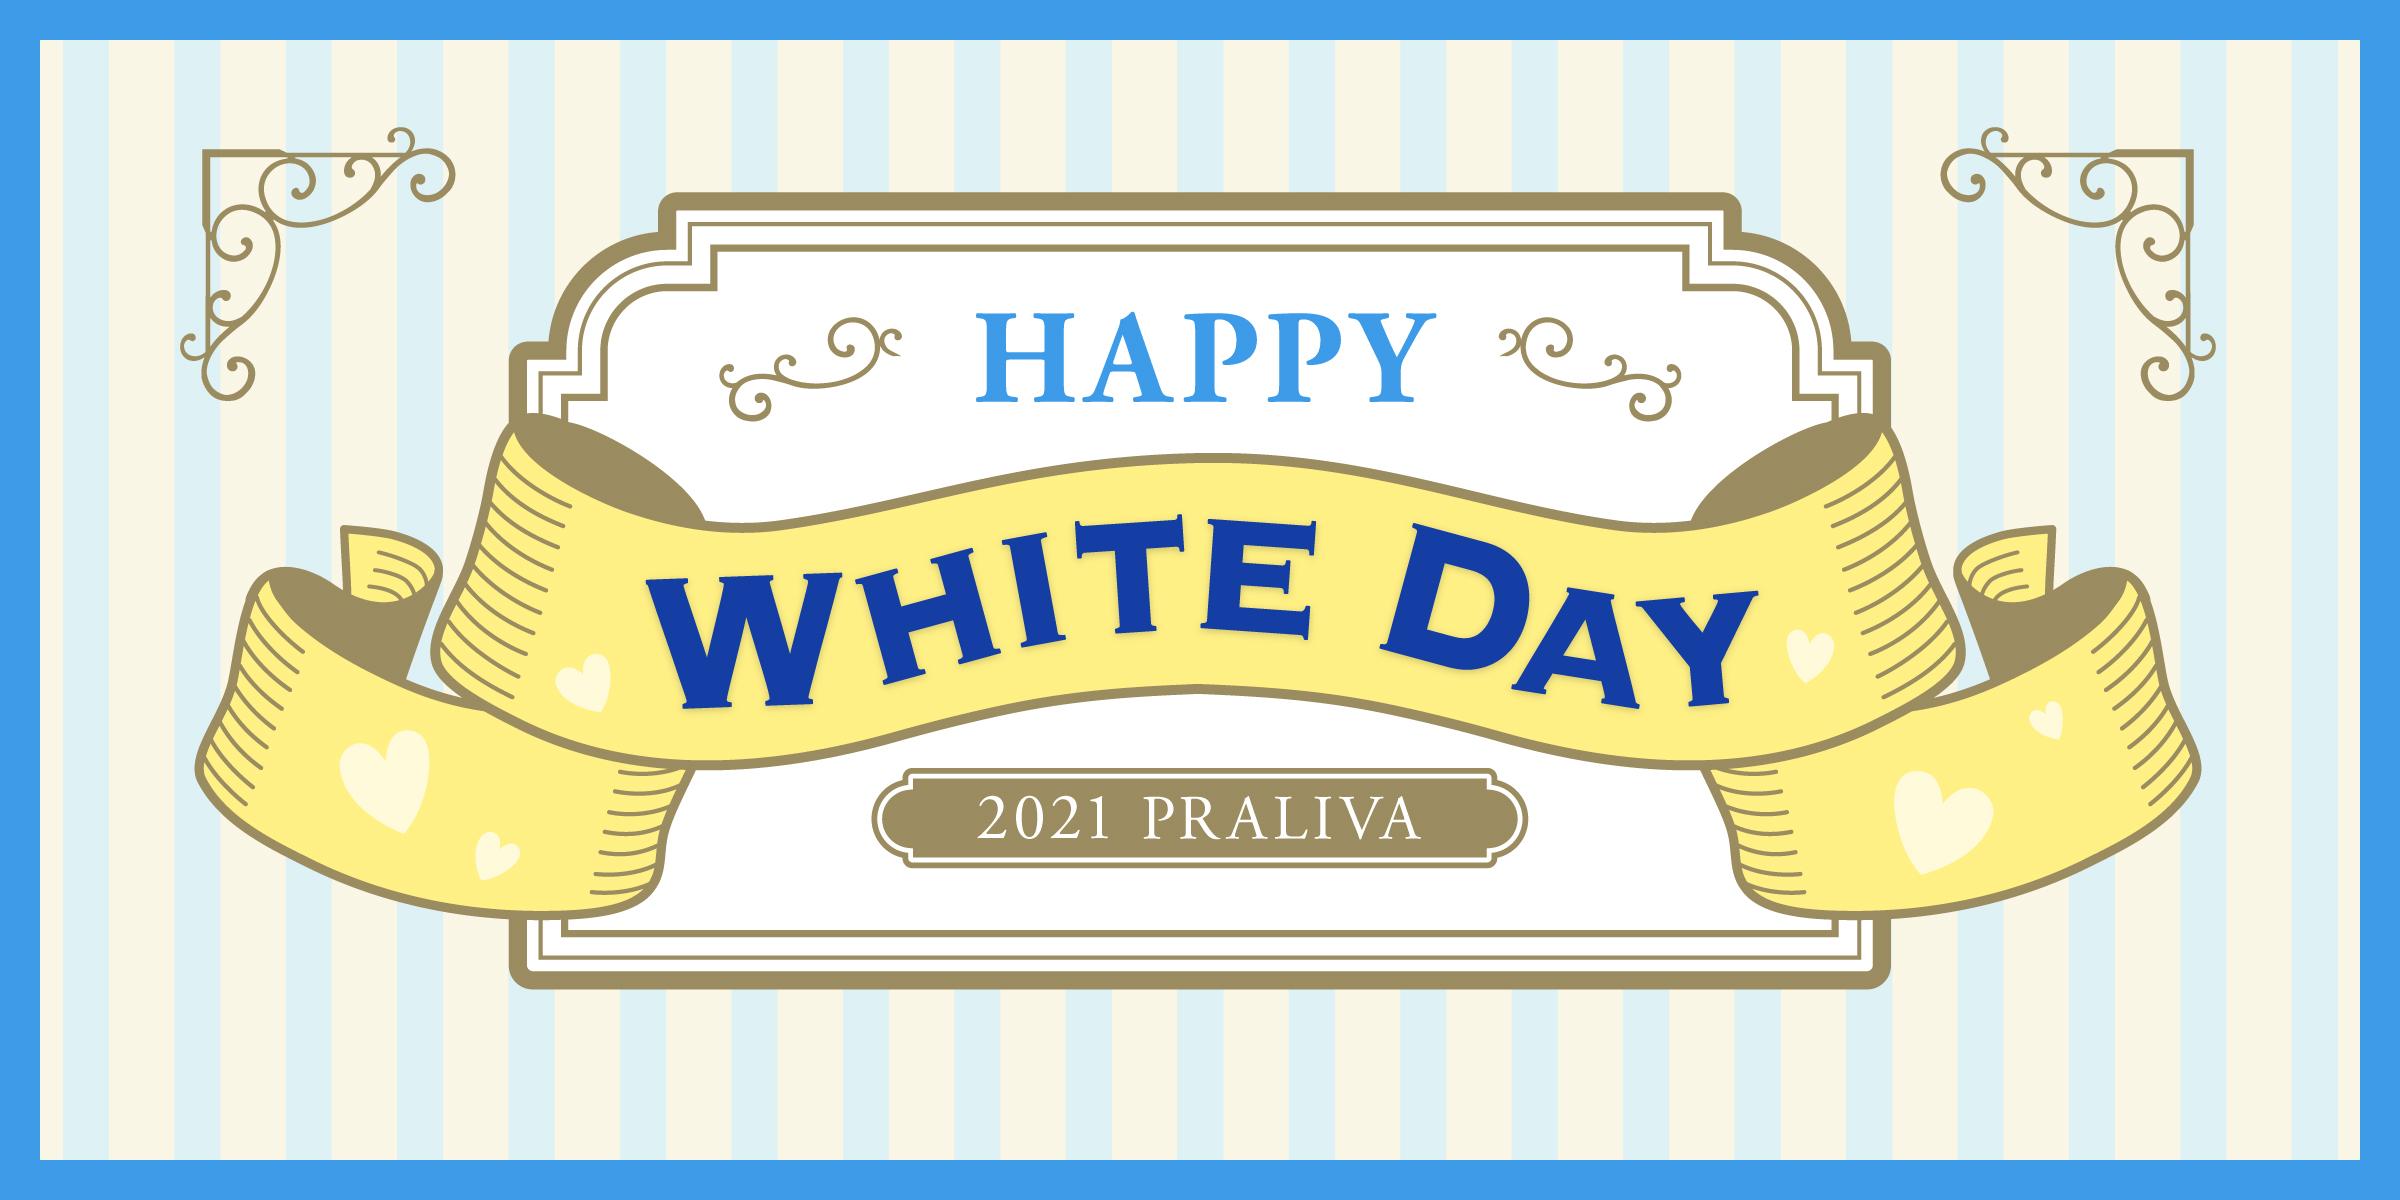 HAPPY WHITE DAY 2021 PRALIVA